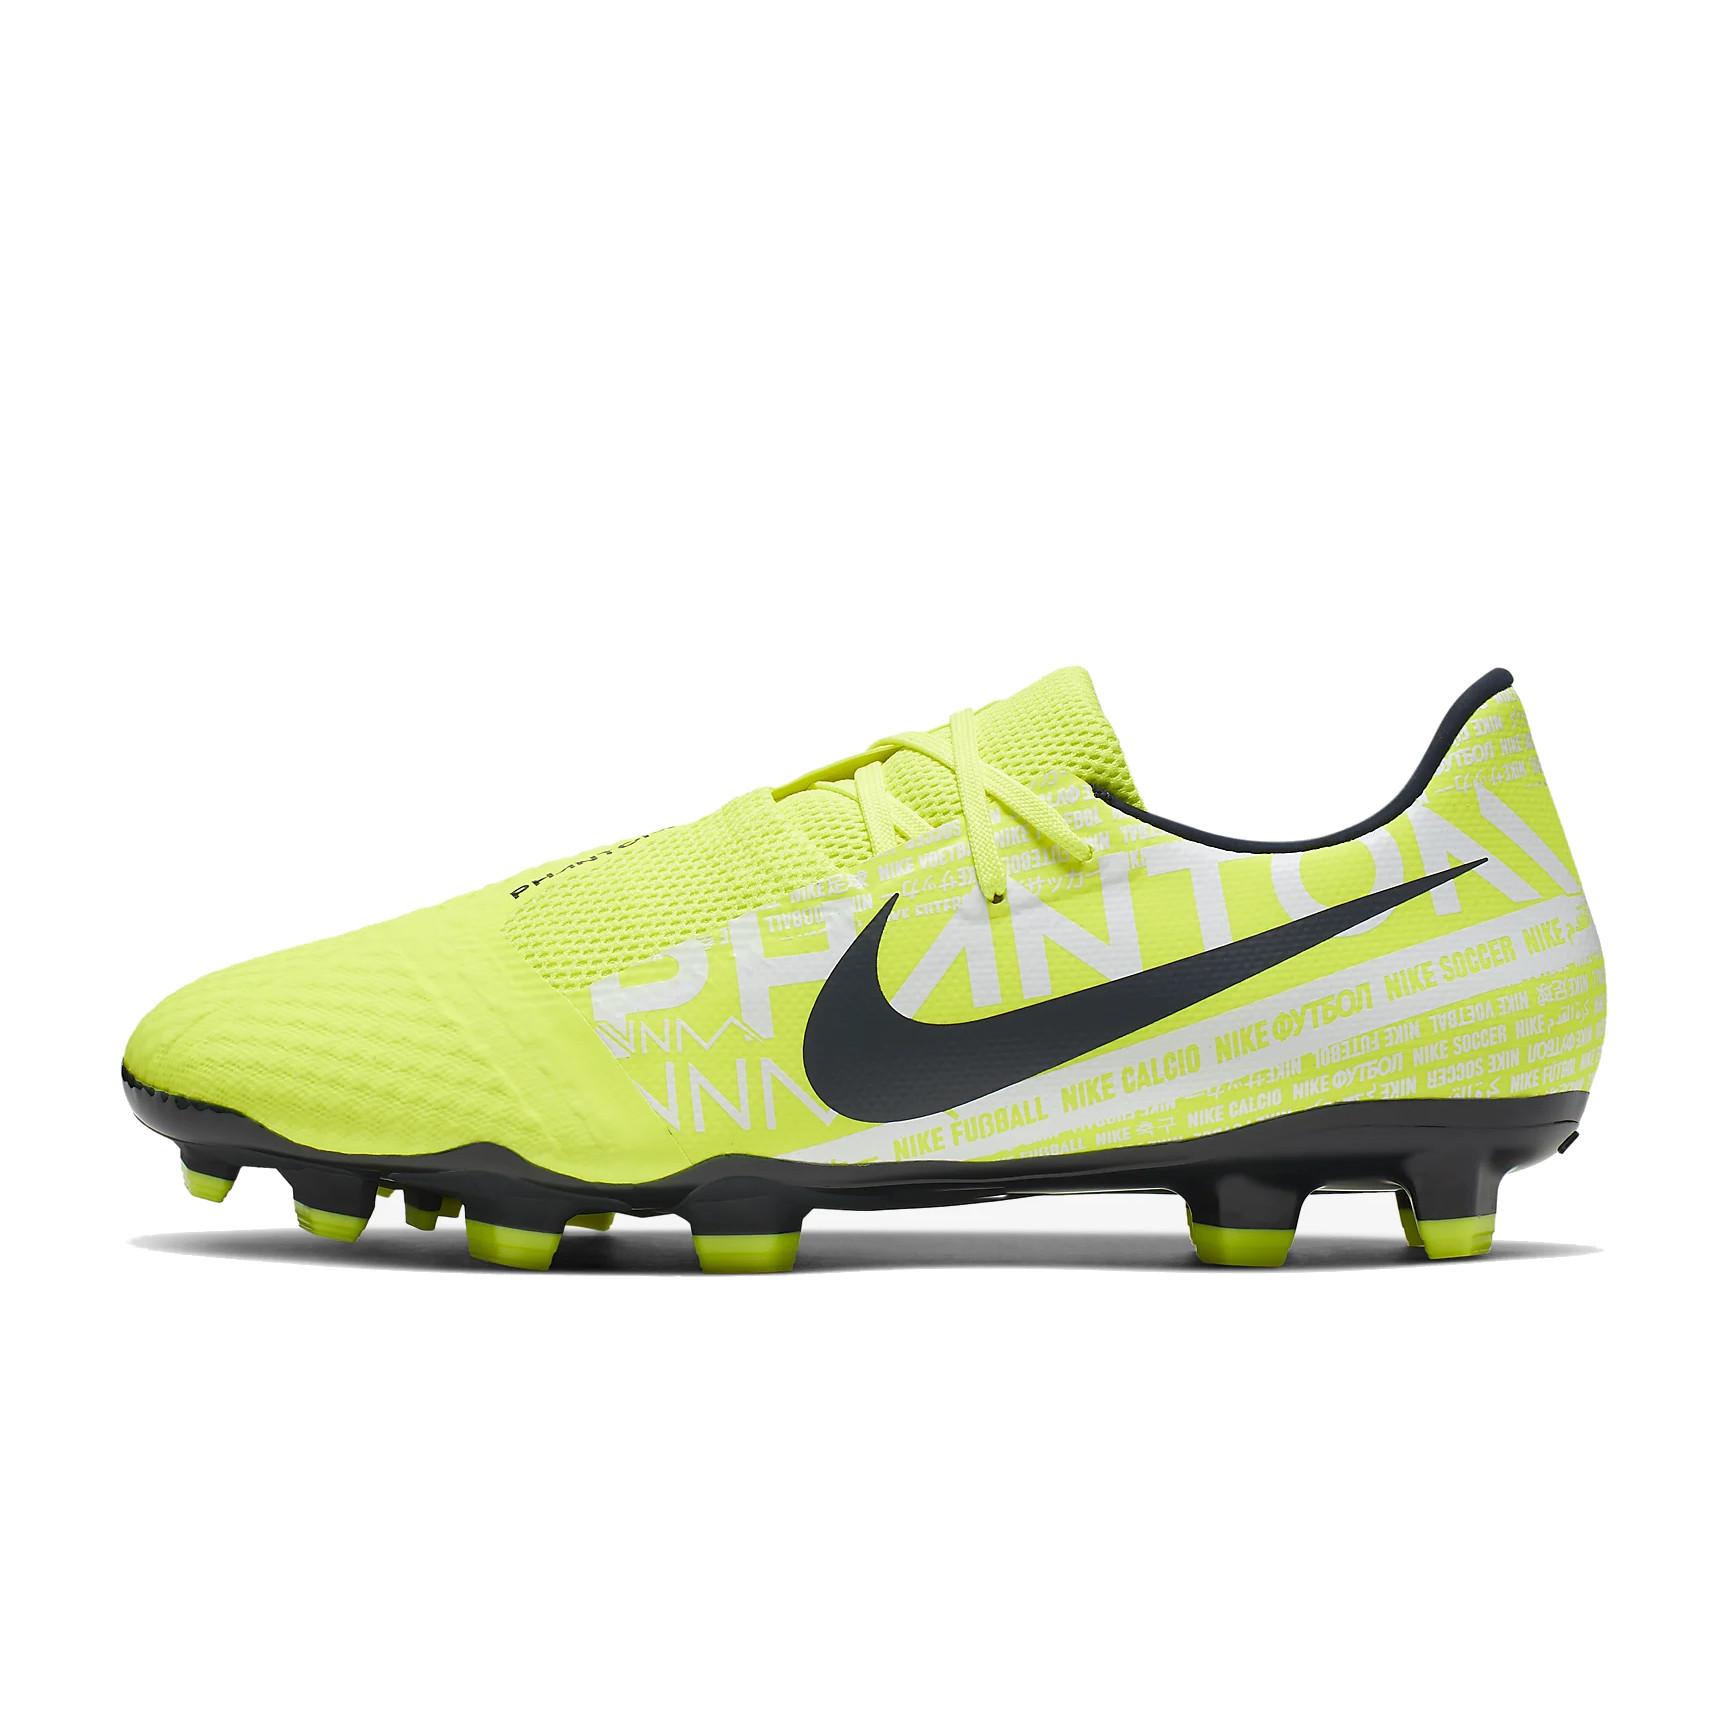 Nike Phantom Venom Voetbalschoenen Voetbal schoenen.eu